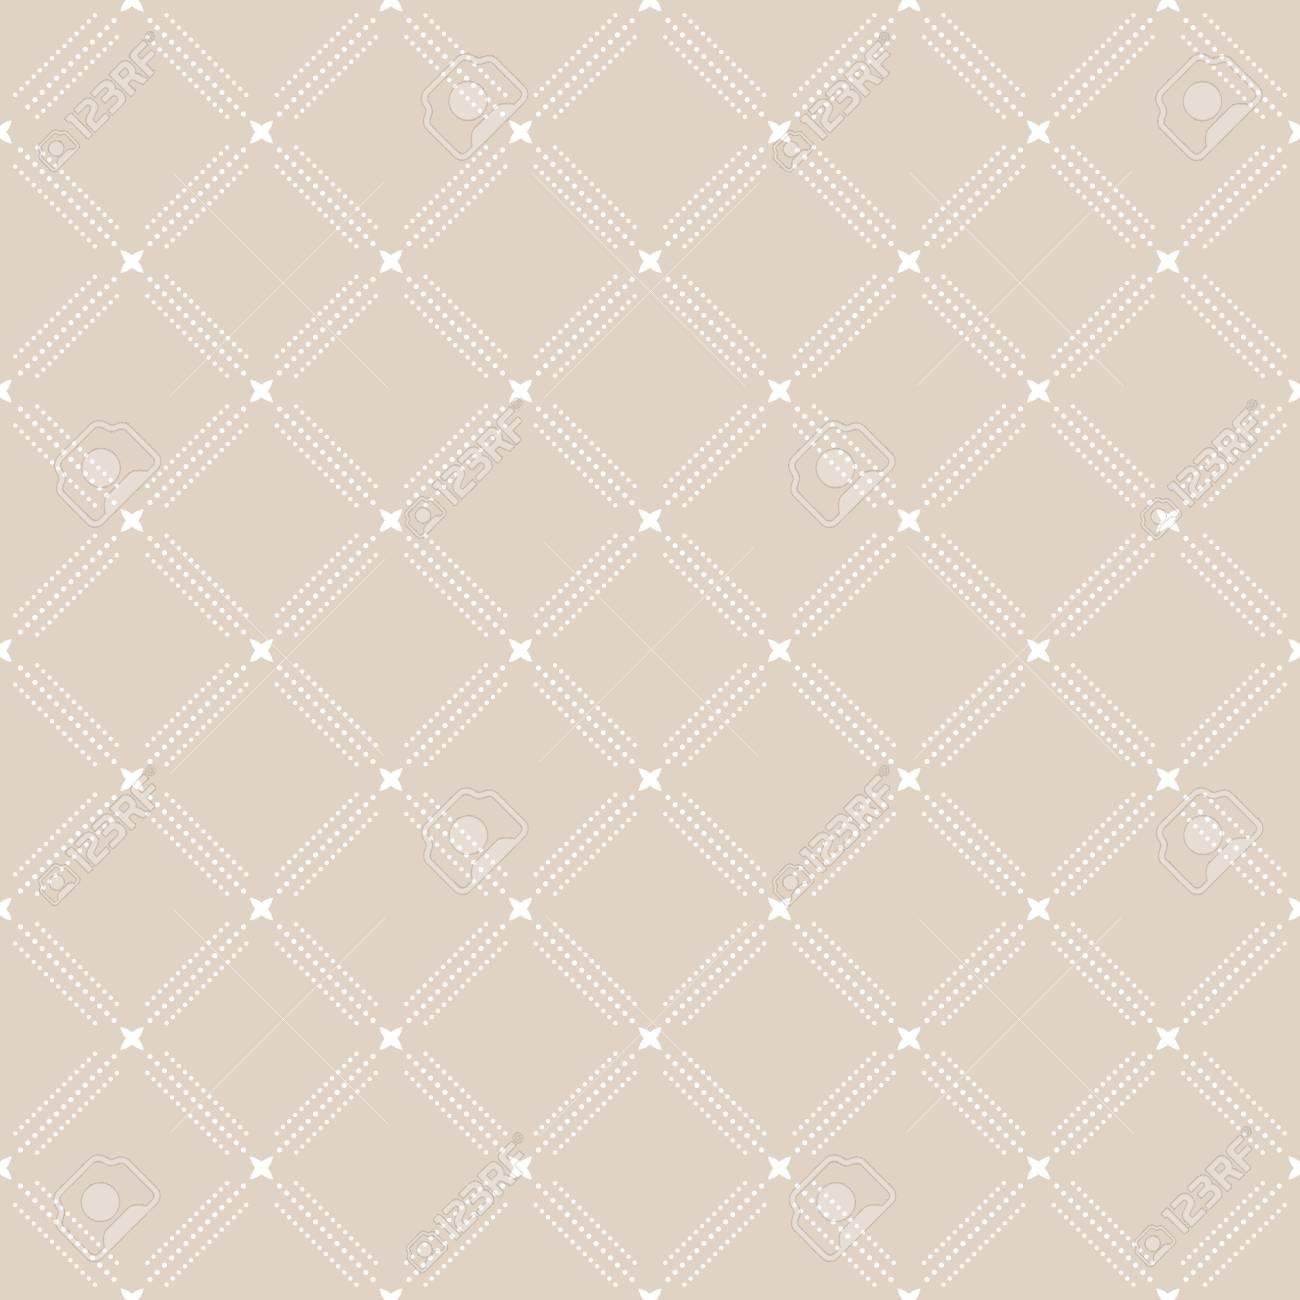 Geométrico Moderno De Patrones Sin Fisuras. Textura Abstracta Con ...